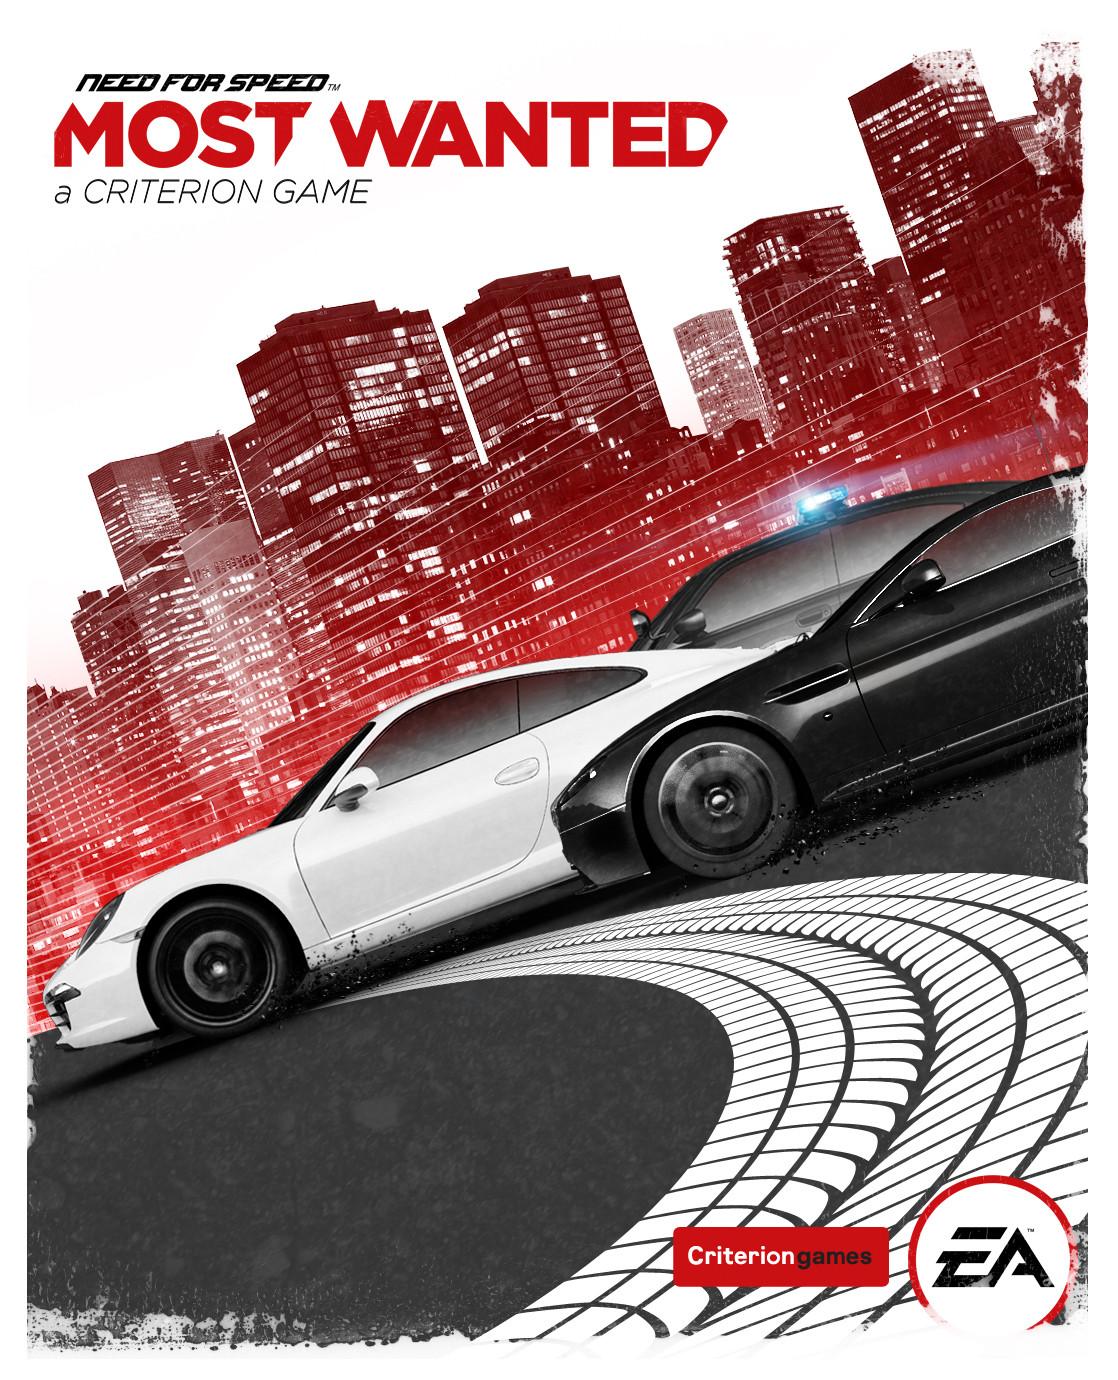 Need for speed: most wanted 2012 скачать игру через торрент.